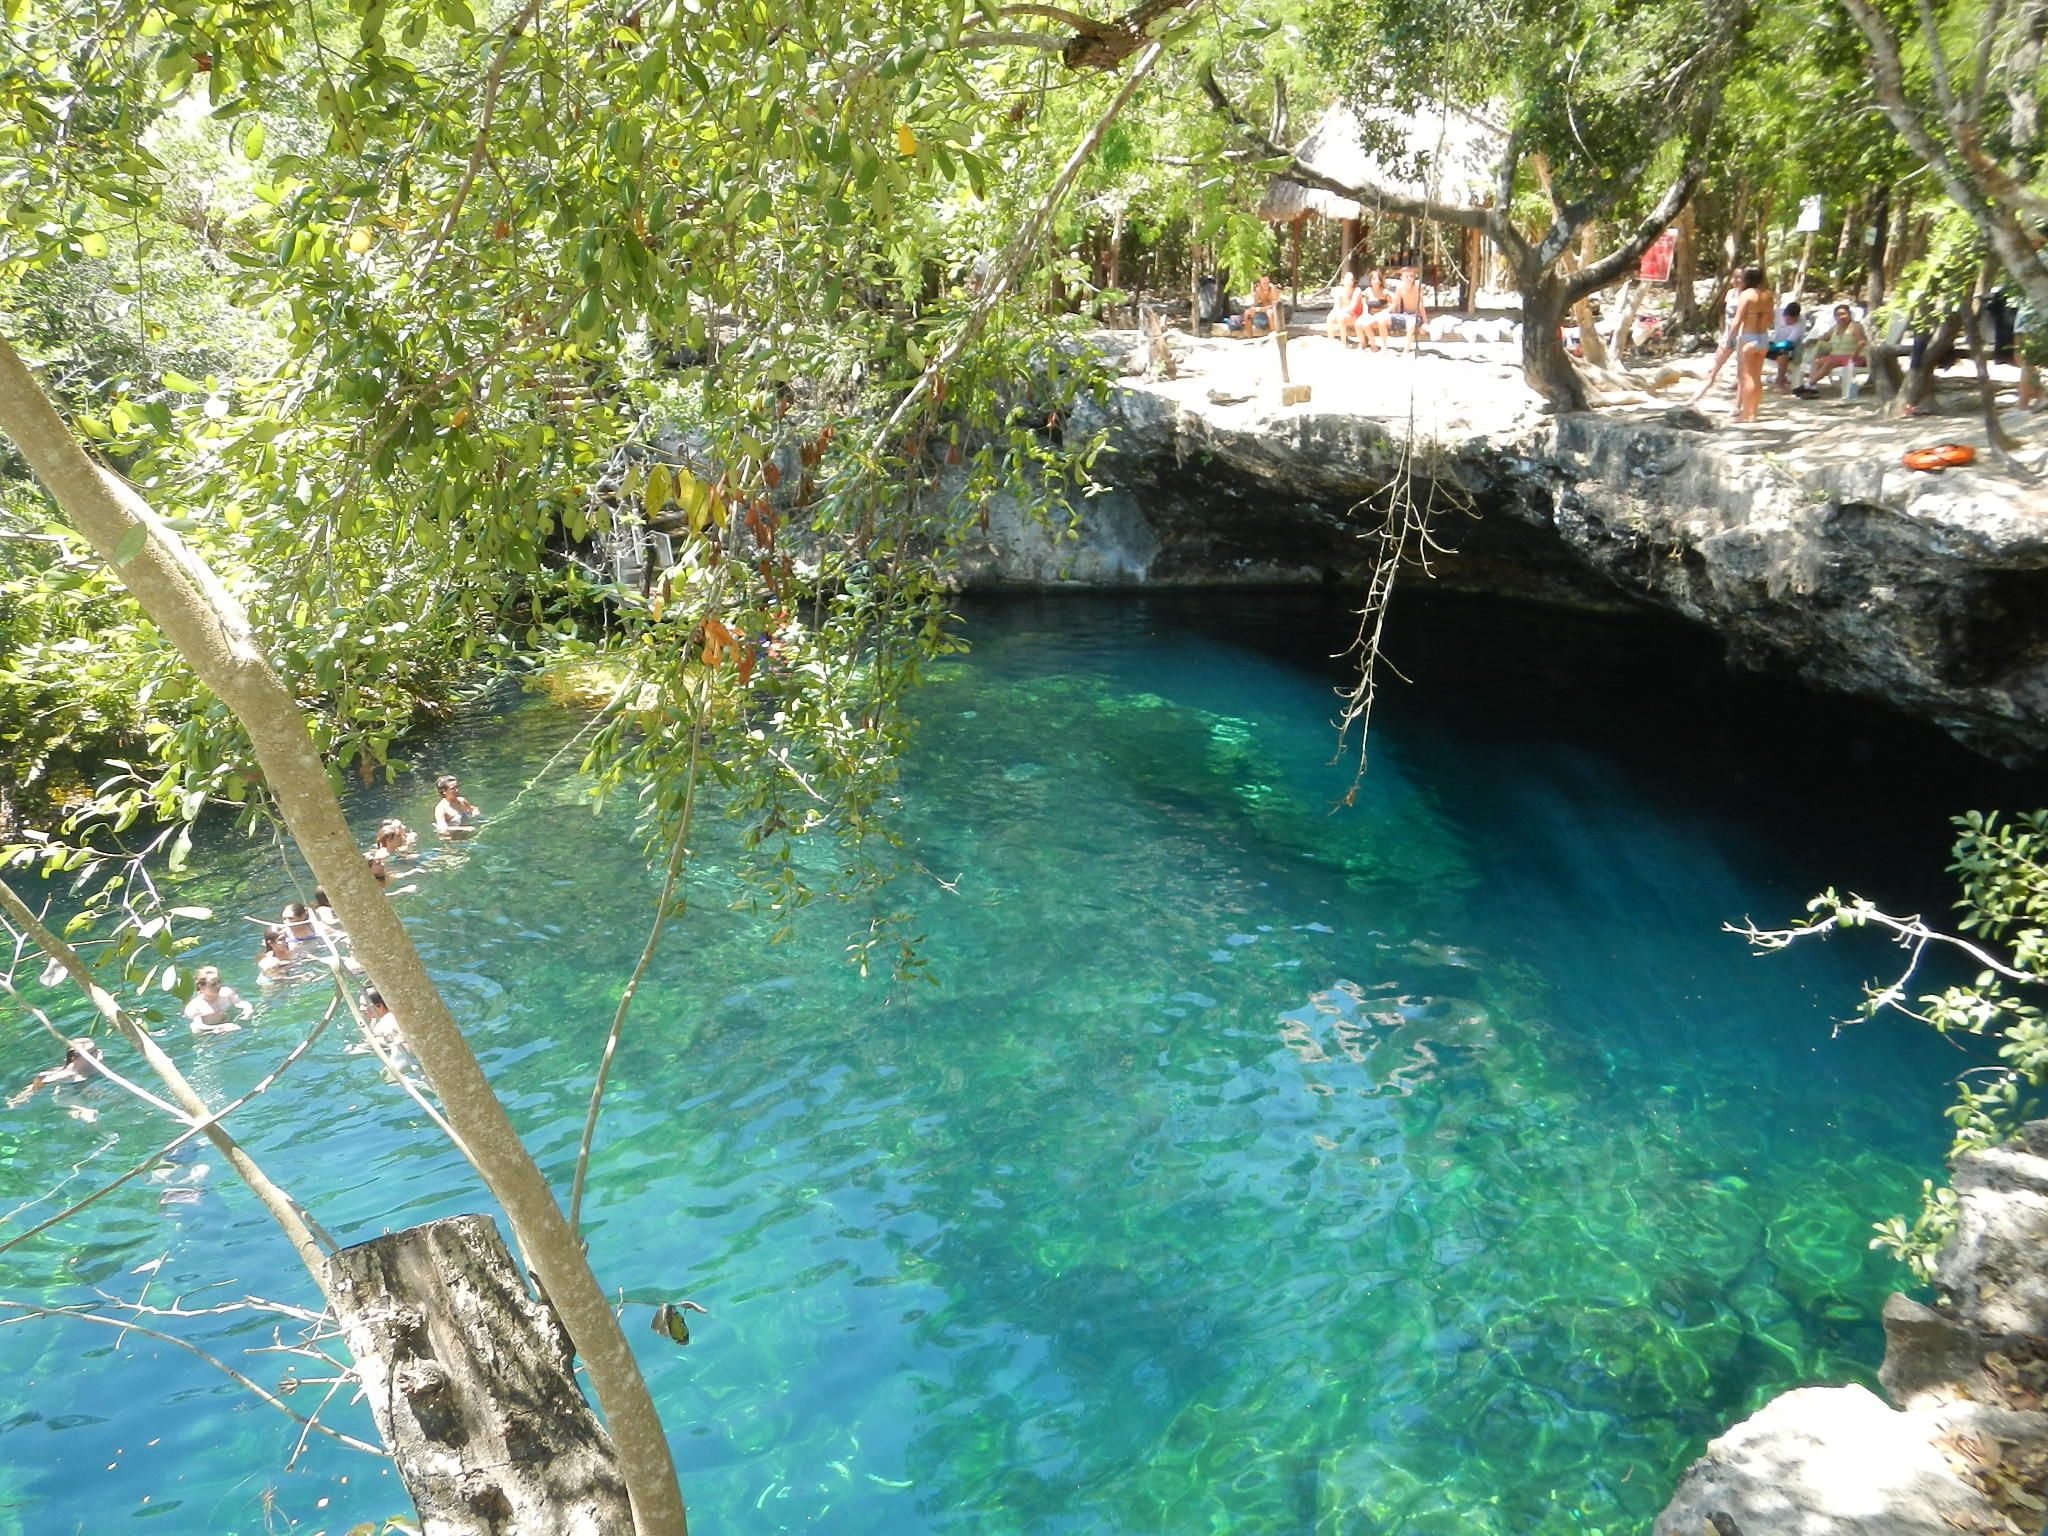 Cenote jardin del eden el eden o ponderosa riviera maya for Cancion en el jardin del eden